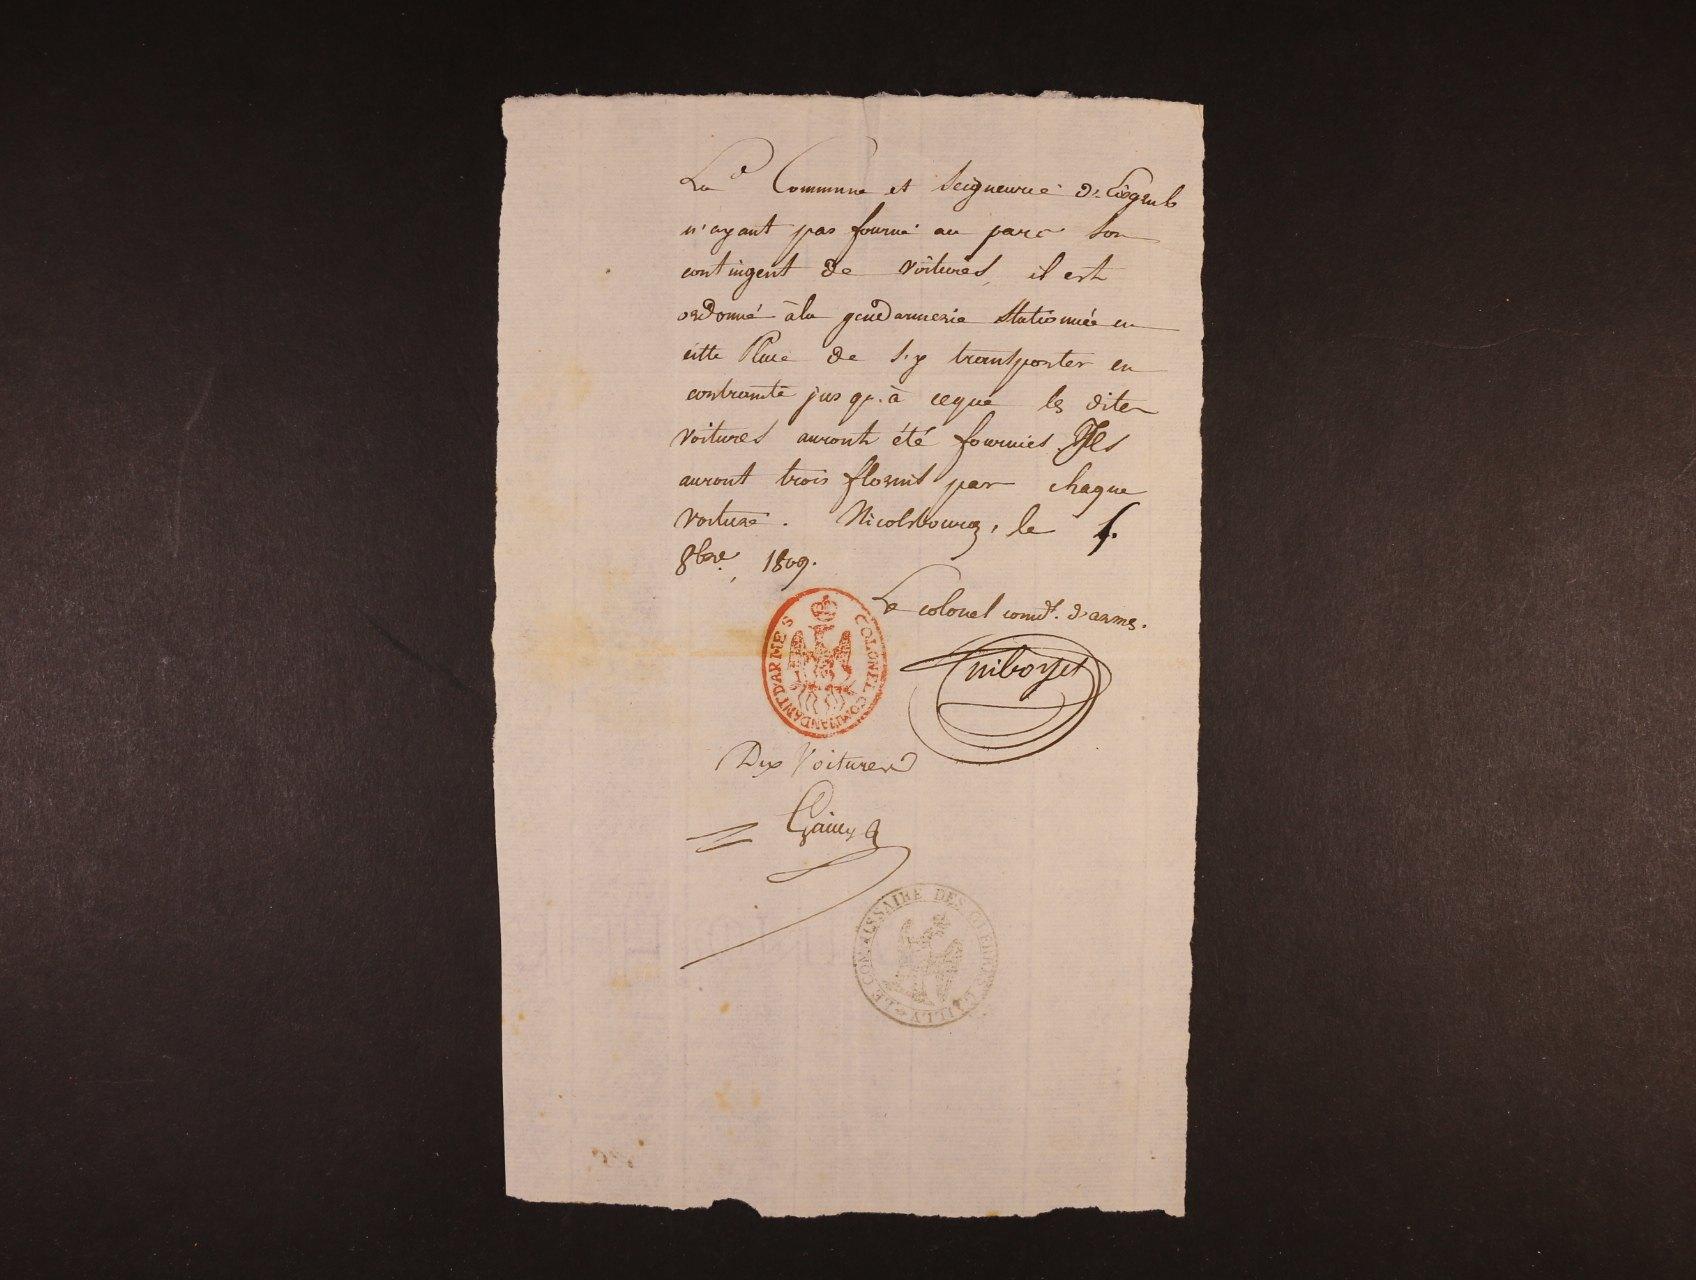 úřední vojenský dopis z tažení Napoleona na Vídeň 1809 s červeným oválným (COLONEL COMANDANT D´ ARMES) a černým kulatým raz. (LE COMMISAIRE DES ...), velmi zajímavé, vzácné